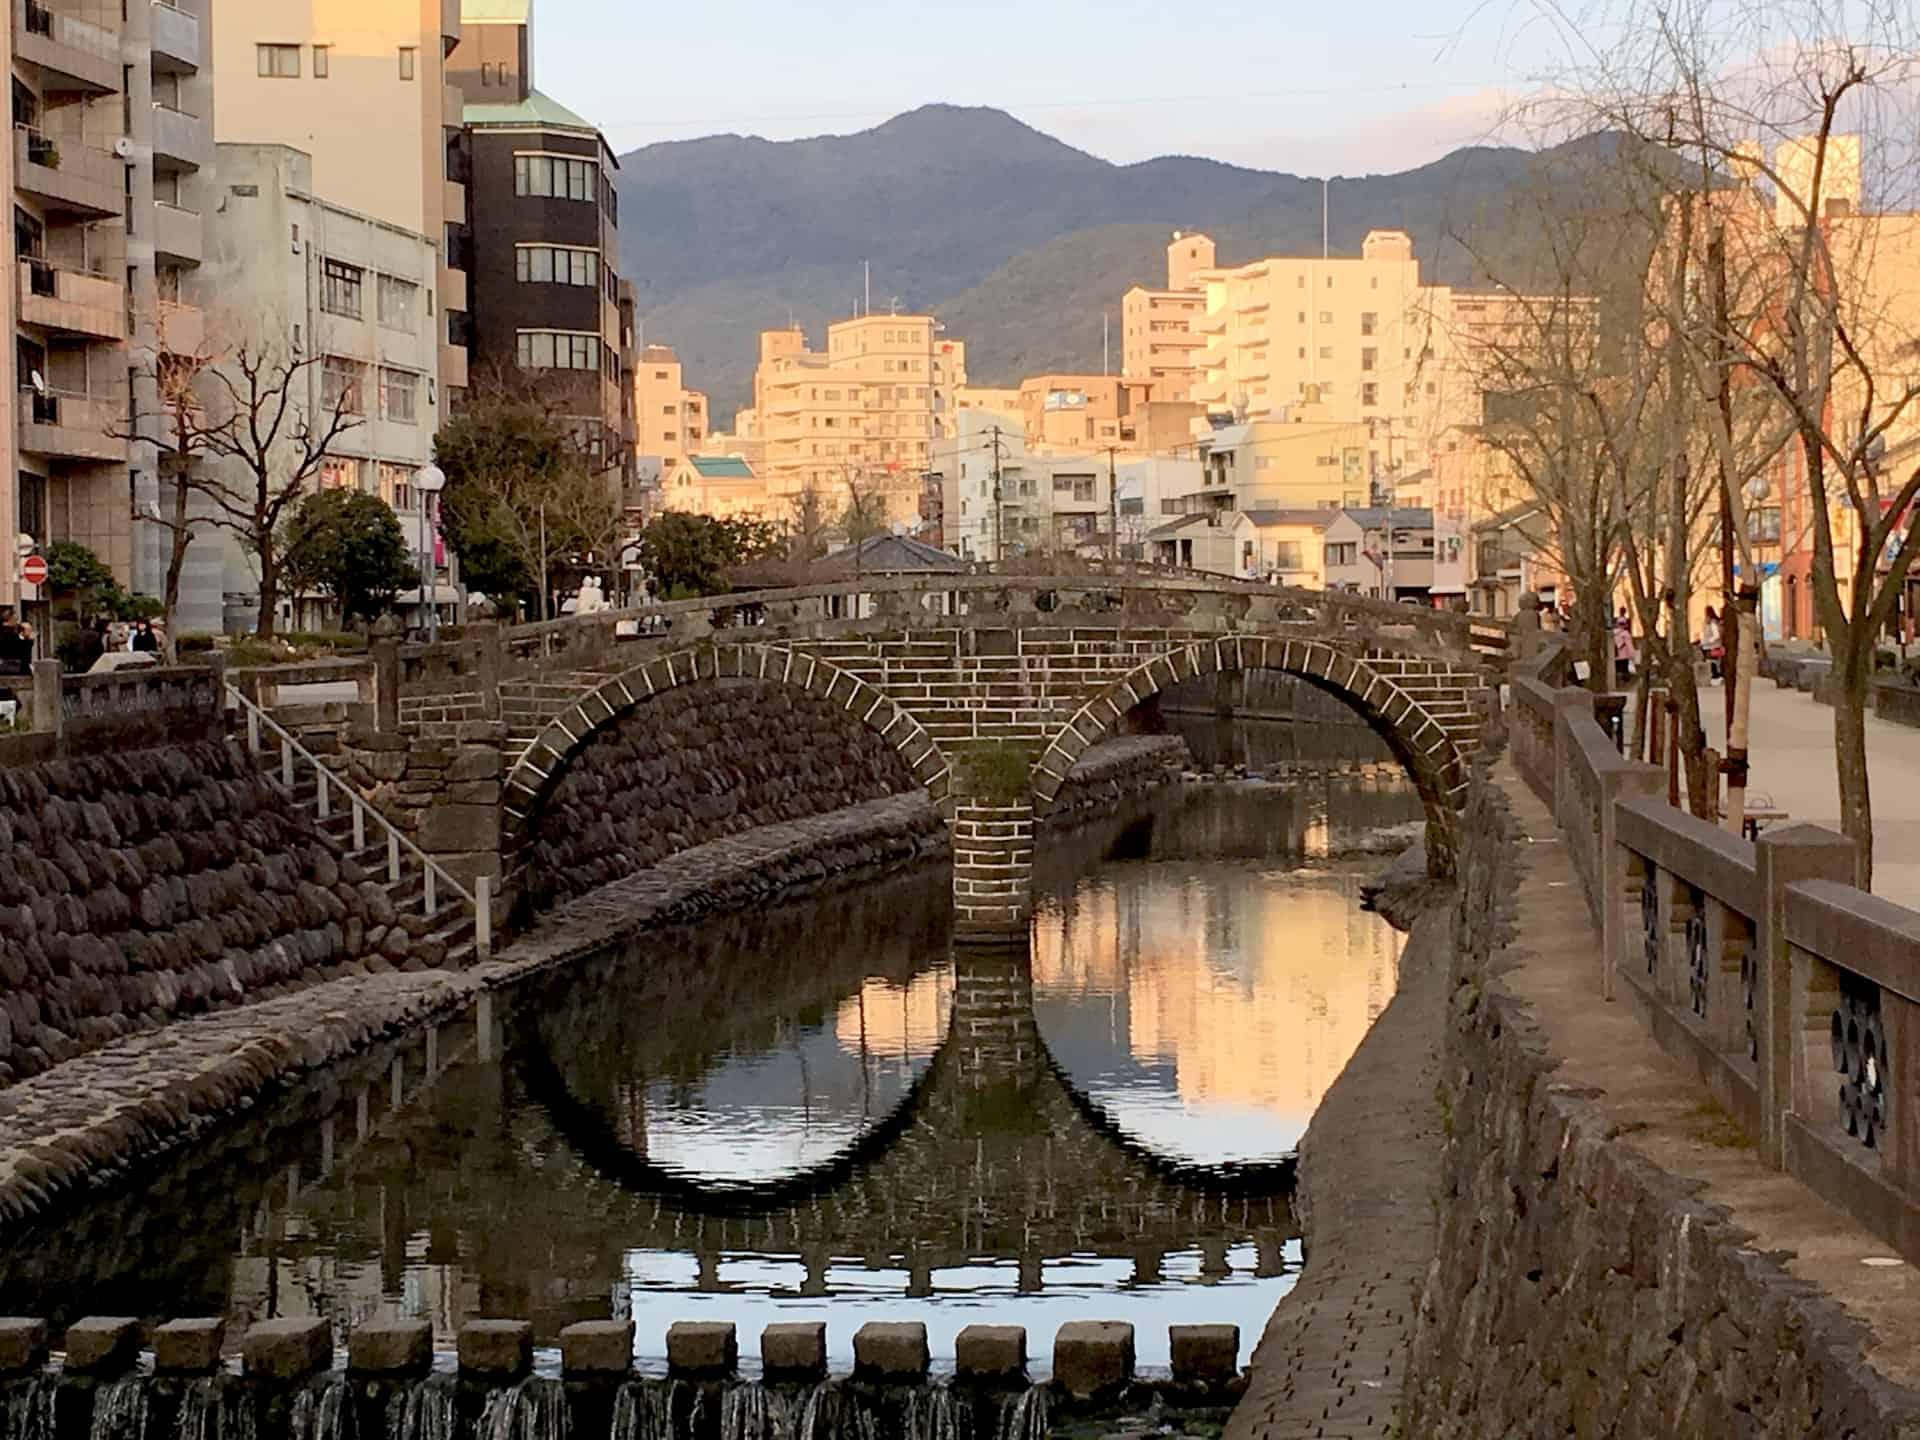 เที่ยว นางาซากิ (Nagasaki) - สะพานแว่นตาเมะกาเนะบาชิ (Meganebashi Bridge)